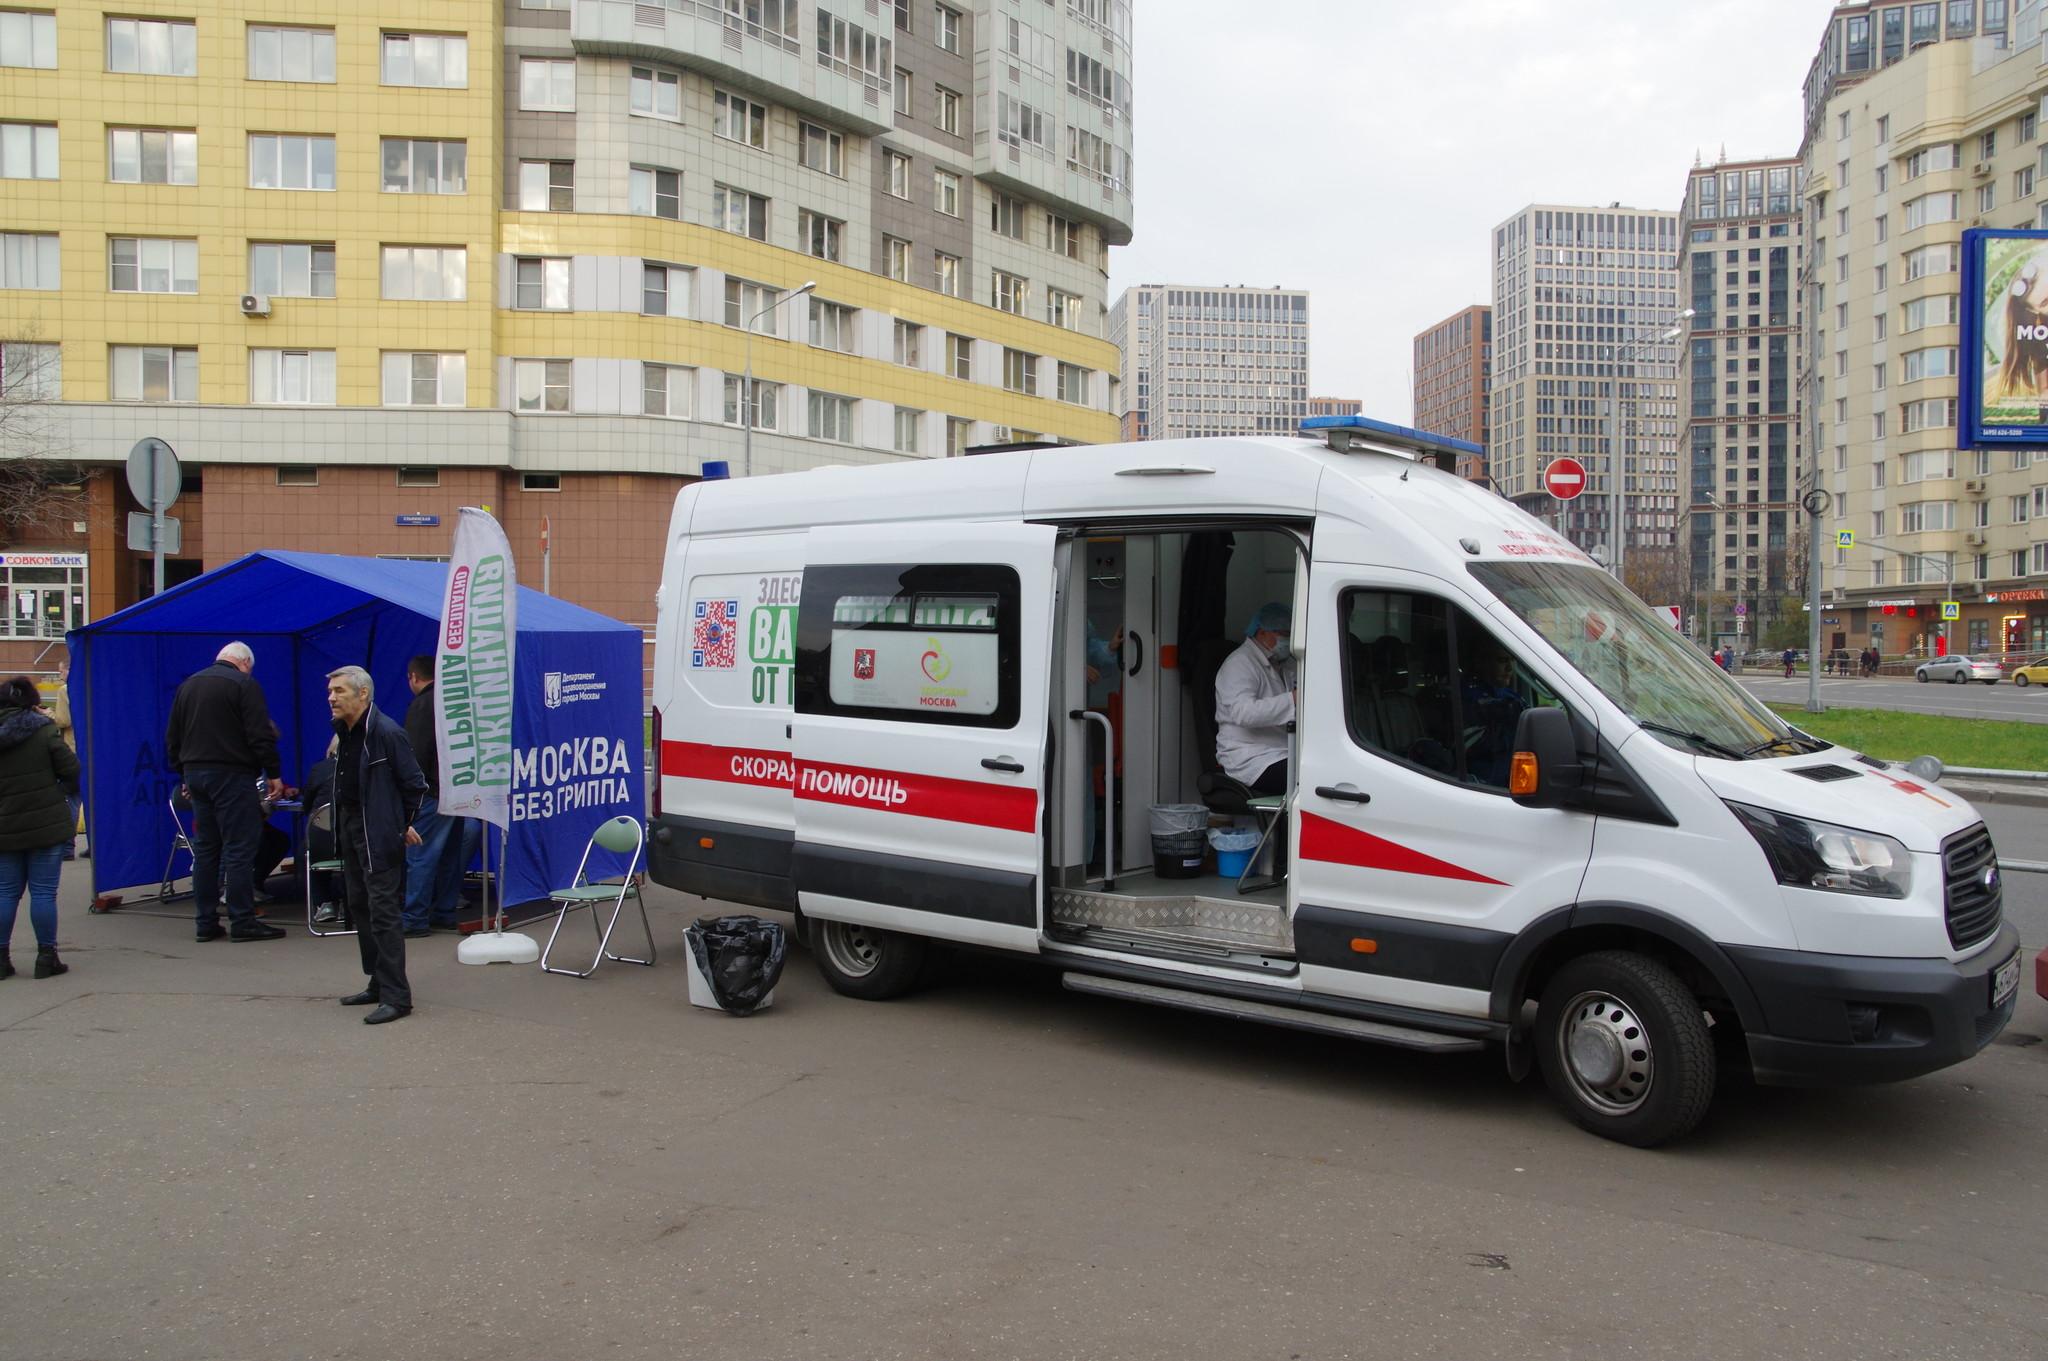 Мобильные пункты вакцинации против гриппа у станции «Молодёжная» Арбатско-Покровской линии Московского метрополитена